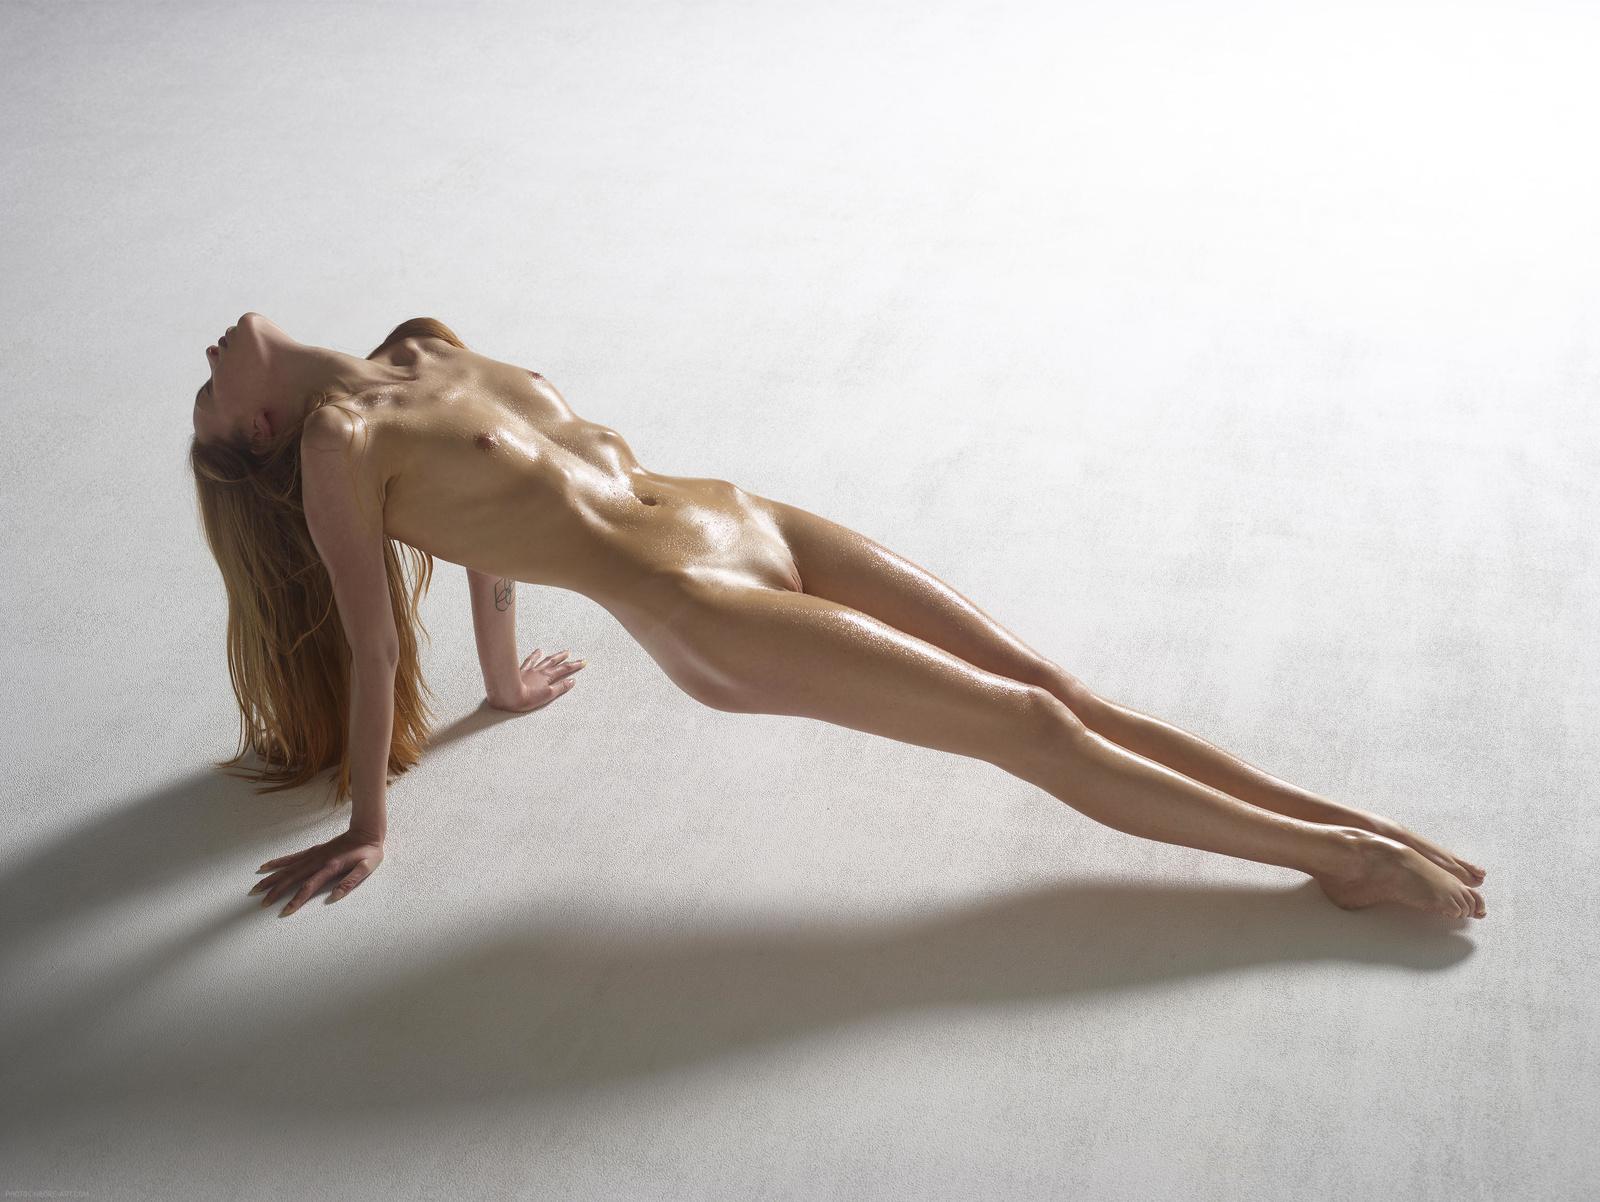 skinny-nude-art-claudia-lynx-persian-nude